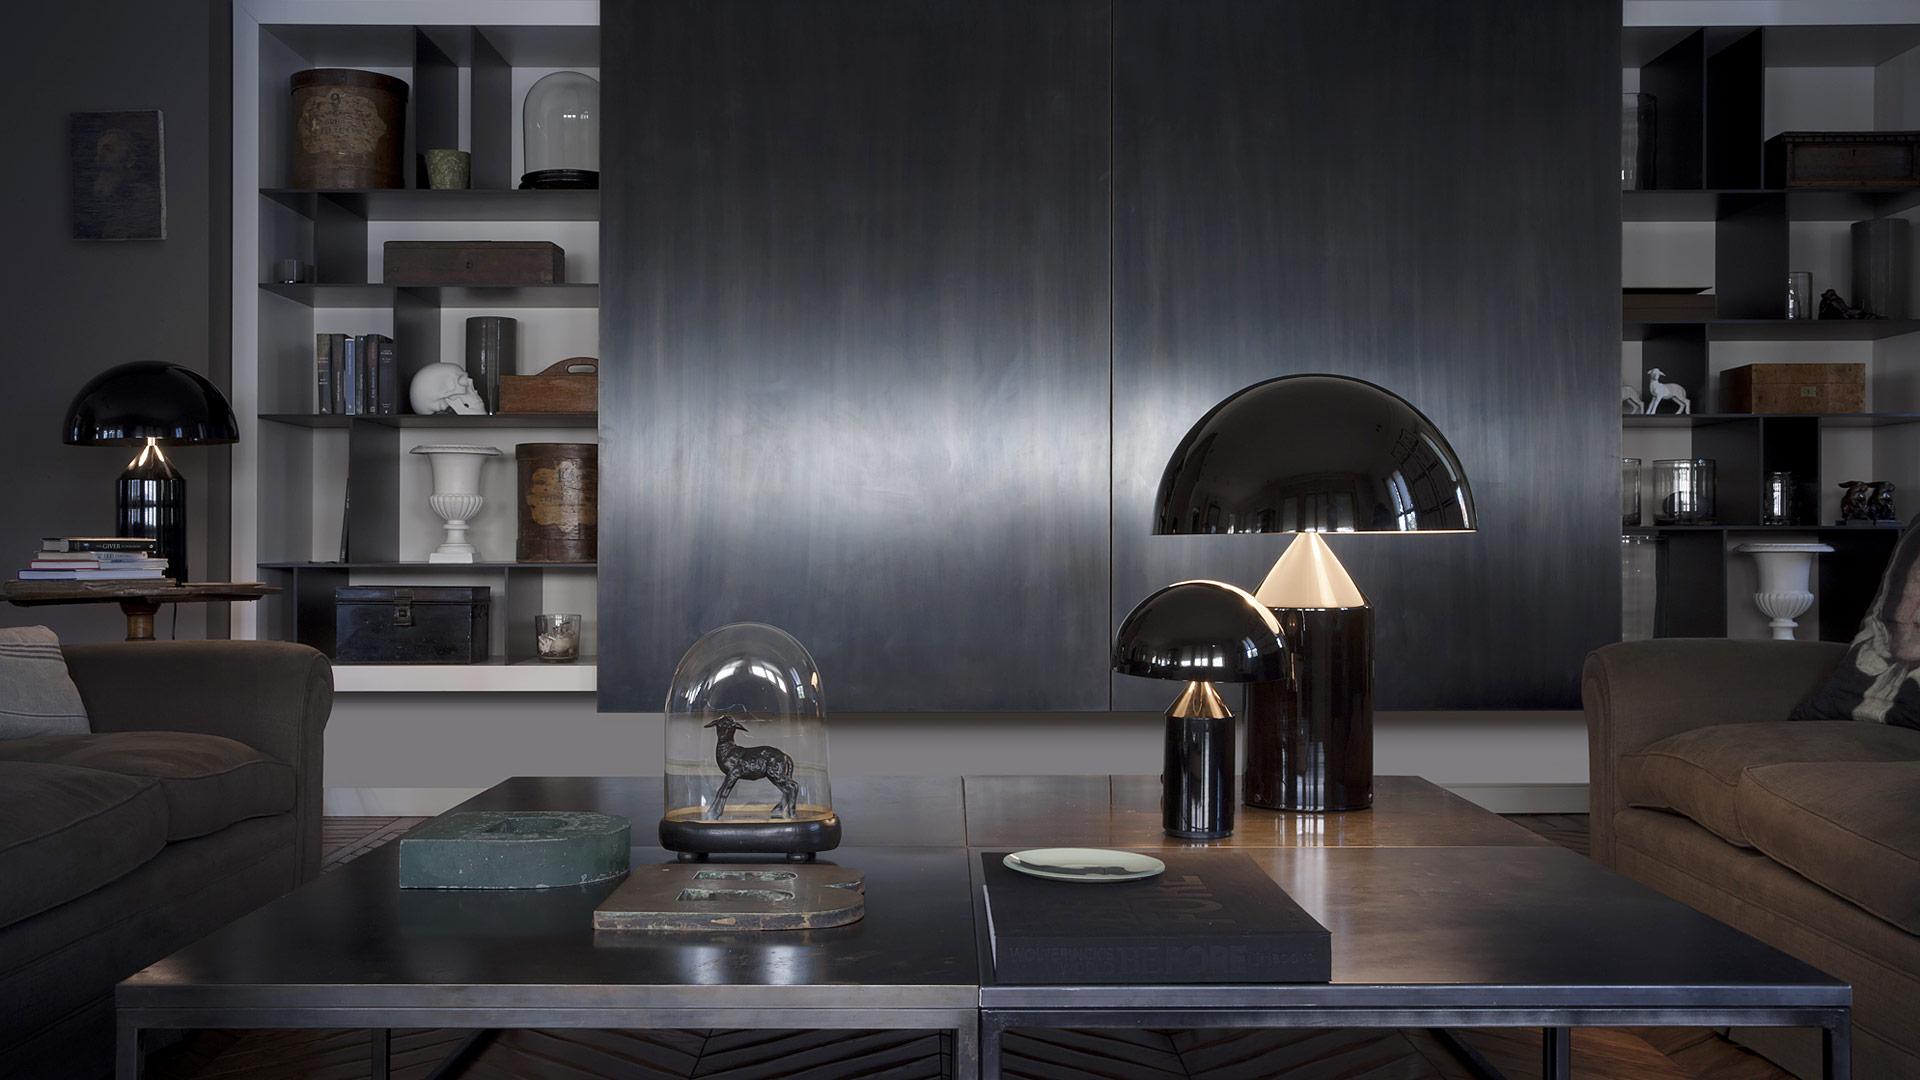 Faretti Incassati Dwg: Illuminazione soffitto con travi a vista ...